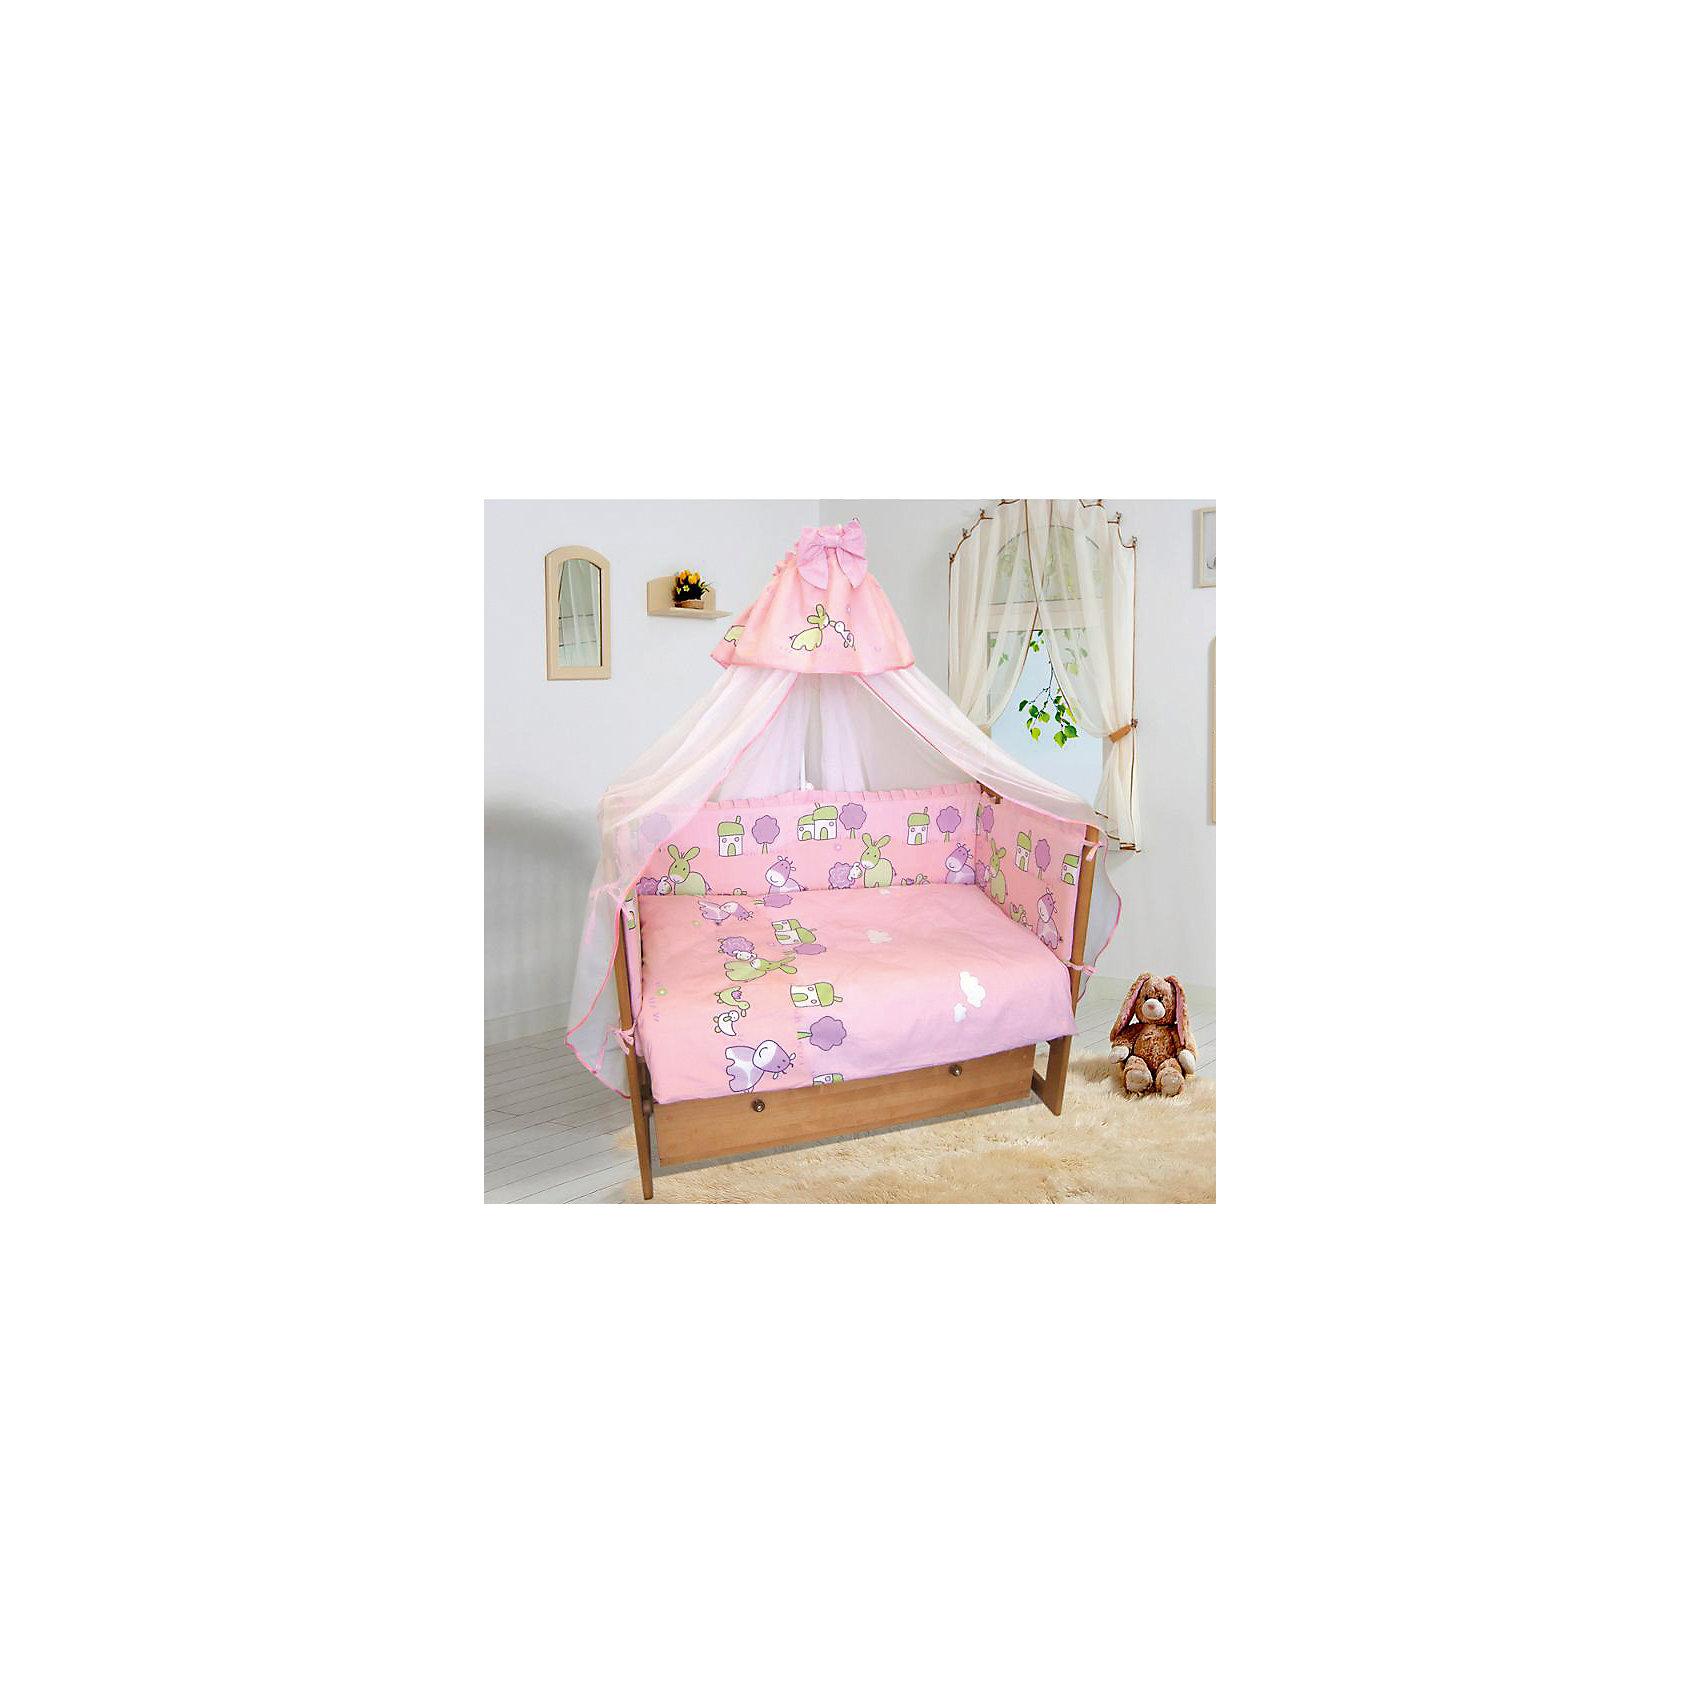 Постельное белье Веселая ферма 6 пред., Soni kids, розовыйПостельное бельё<br>Красивый и очень нежный комплект детского постельного белья состоящий из 6 предметов.<br><br>Такой комплект станет прекрасным подарком для родителей и малыша! <br><br><br>Дополнительная информация:<br><br>- Размеры: <br> Одеяло 140х110 см.<br> Пододеяльника 142х112 см.<br> Бортик на всю кроватку.<br> Простынке на резинке 150х90 см.<br> Подушка 40х60 см.<br> Наволочка 40х60 см. <br>- Возраст: до 3 лет.<br>- Состав: 100% высококачественный хлопок.<br>- Материал: поплин.<br>- Наполнитель: импортный гладко окрашенный сатин.<br>- Цвет: розовый.<br>- Размер упаковки: 25х60х45 см.<br>- Вес в упаковке: 1200 г.<br><br>Купить постельное белье Веселая ферма от Soni kids в розовом цвете,  можно в нашем магазине.<br><br>Ширина мм: 250<br>Глубина мм: 600<br>Высота мм: 450<br>Вес г: 1200<br>Возраст от месяцев: 0<br>Возраст до месяцев: 36<br>Пол: Женский<br>Возраст: Детский<br>SKU: 4905945